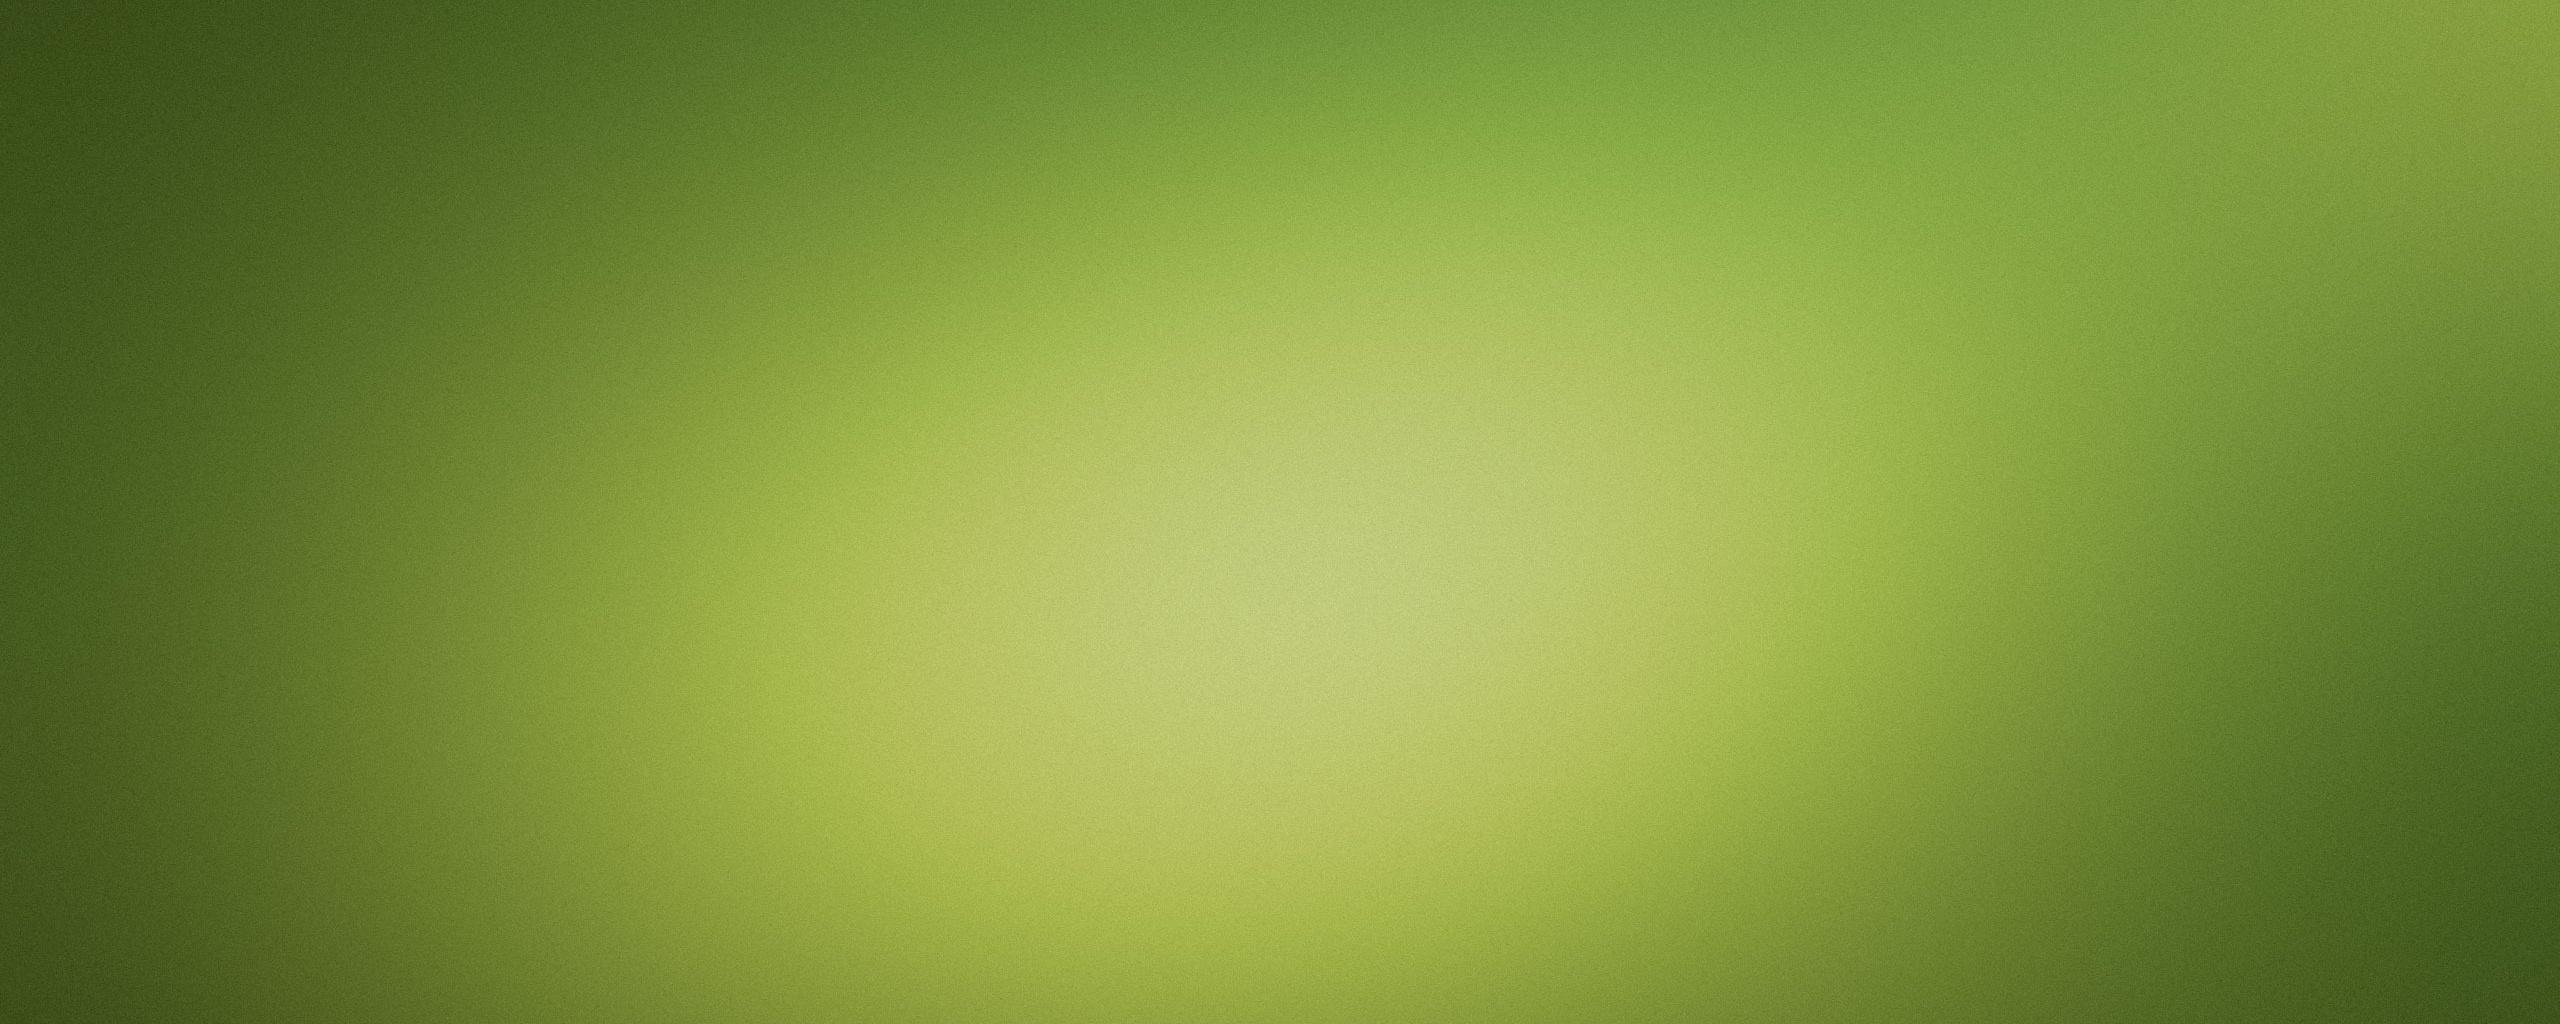 Скачать обои зеленый фон 2560x1024